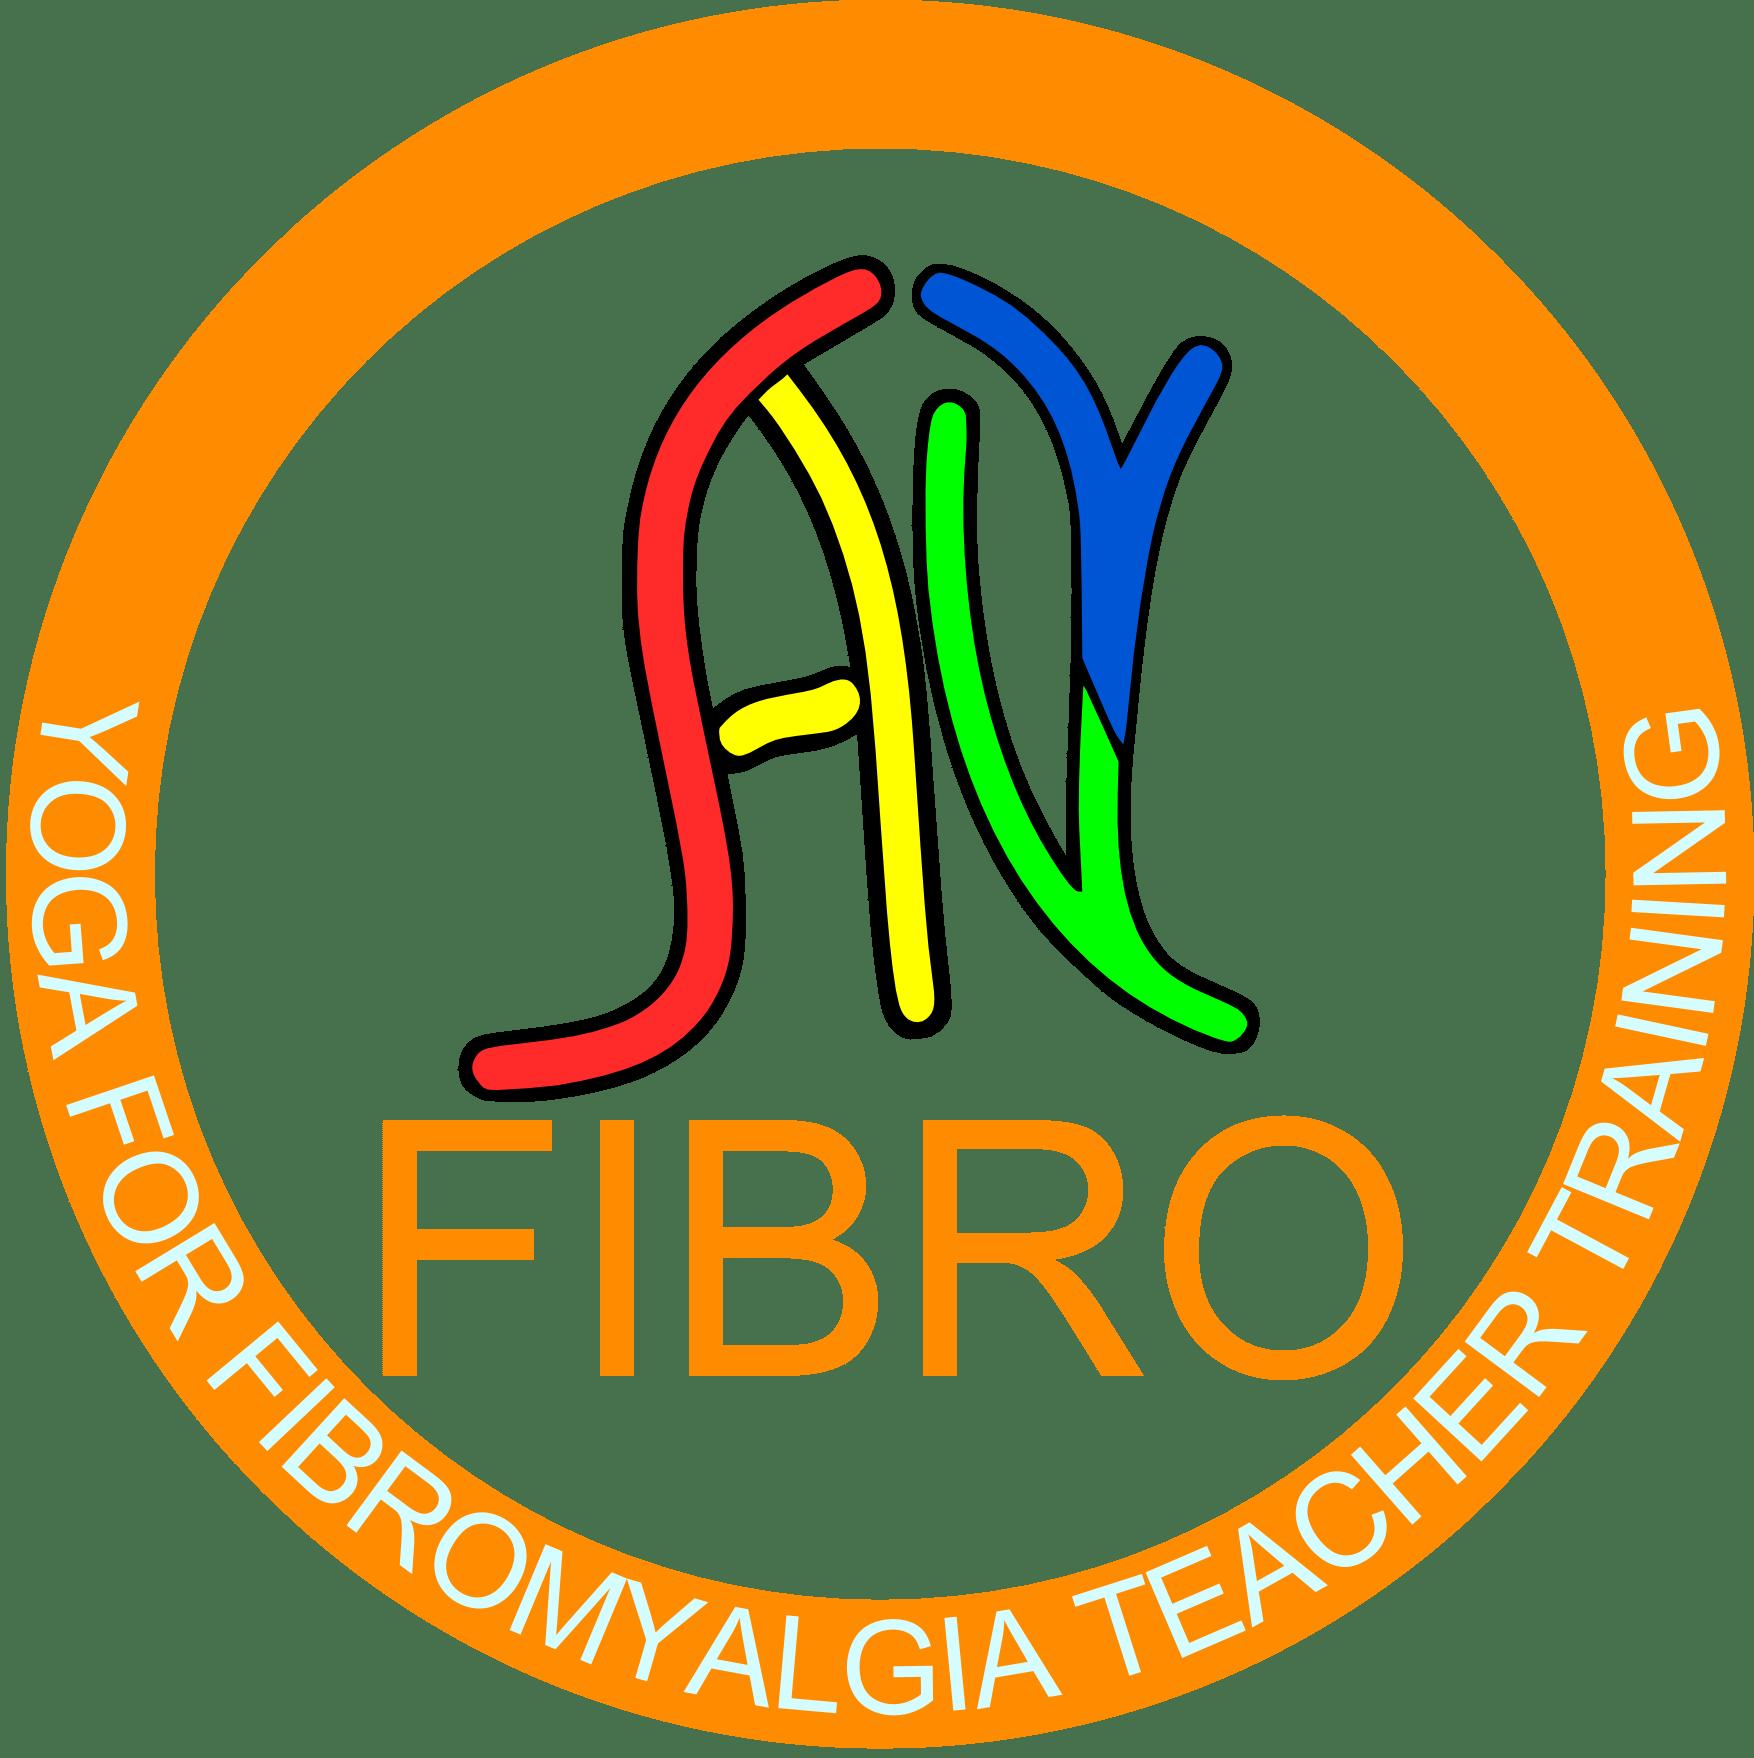 Registration Open for Yoga for Fibromyalgia Teacher Training